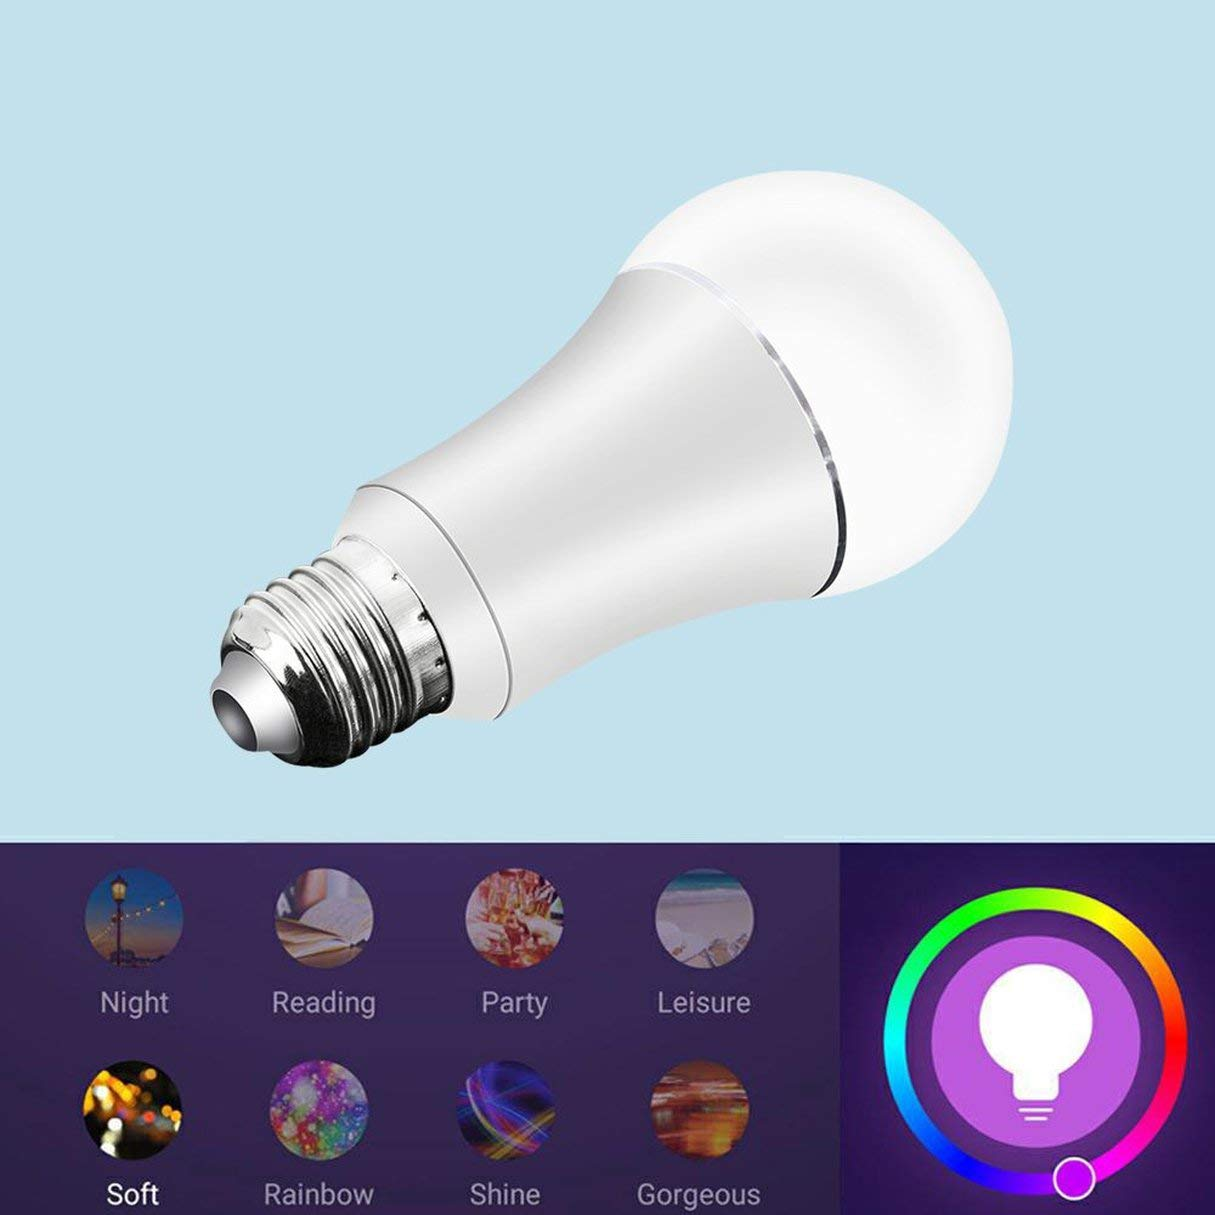 Bombilla LED inteligente WiFi inal/ámbrica E27 compatible con Alexa Google home 7W EQ0104101 productos de cuidado personal de salud y belleza